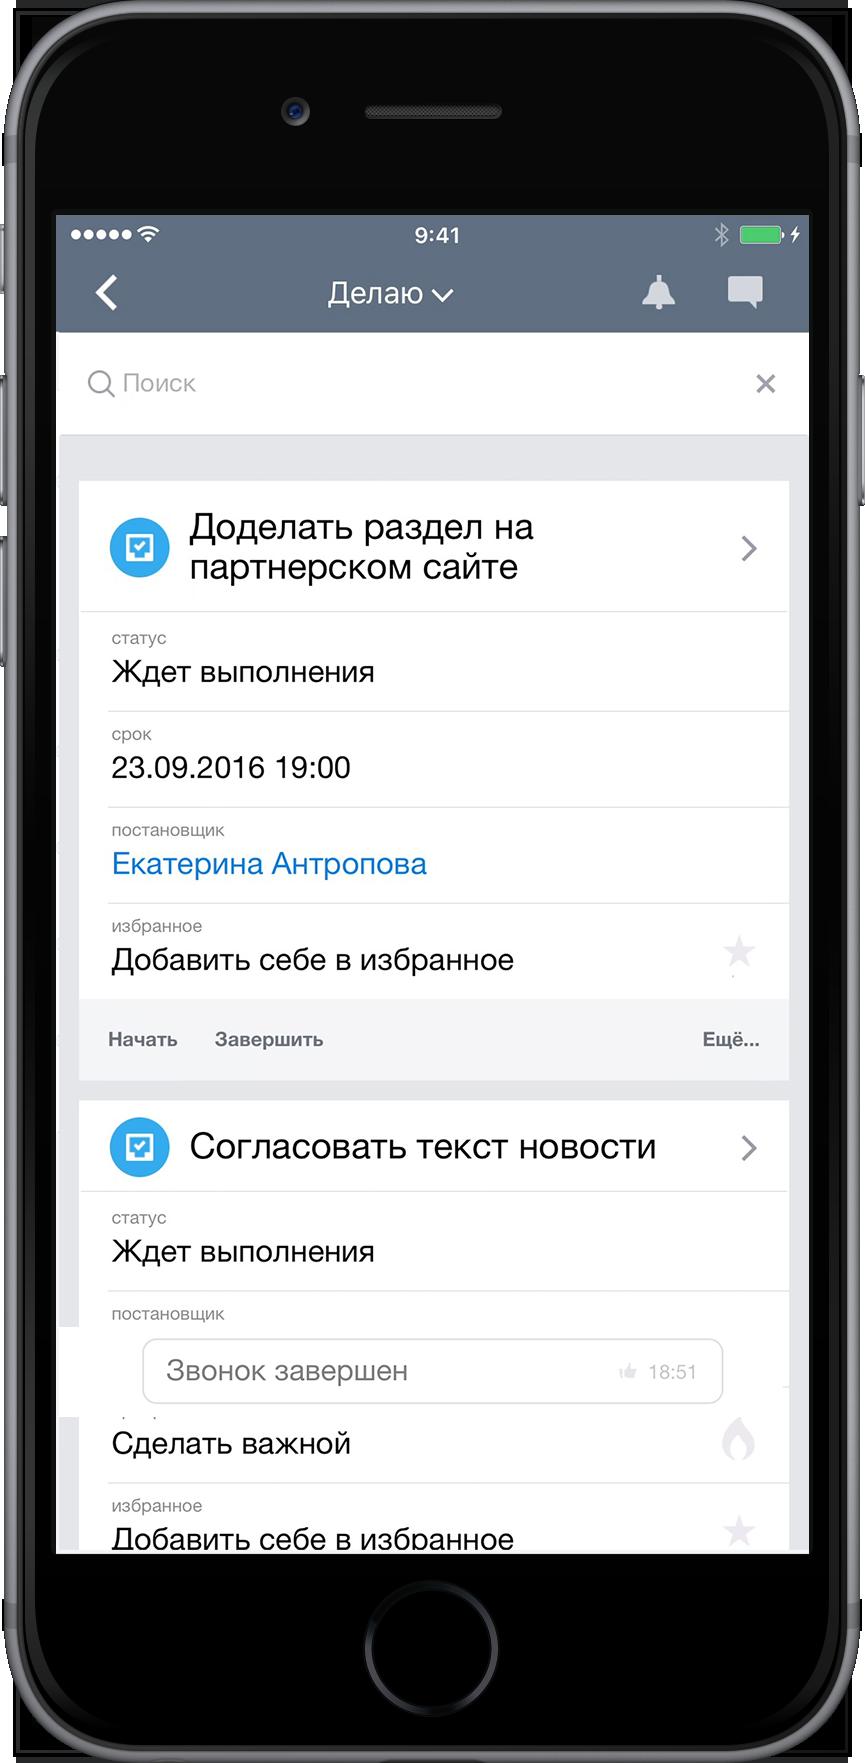 Битрикс24 войти в мобильное приложение 1с битрикс работа с каталогами